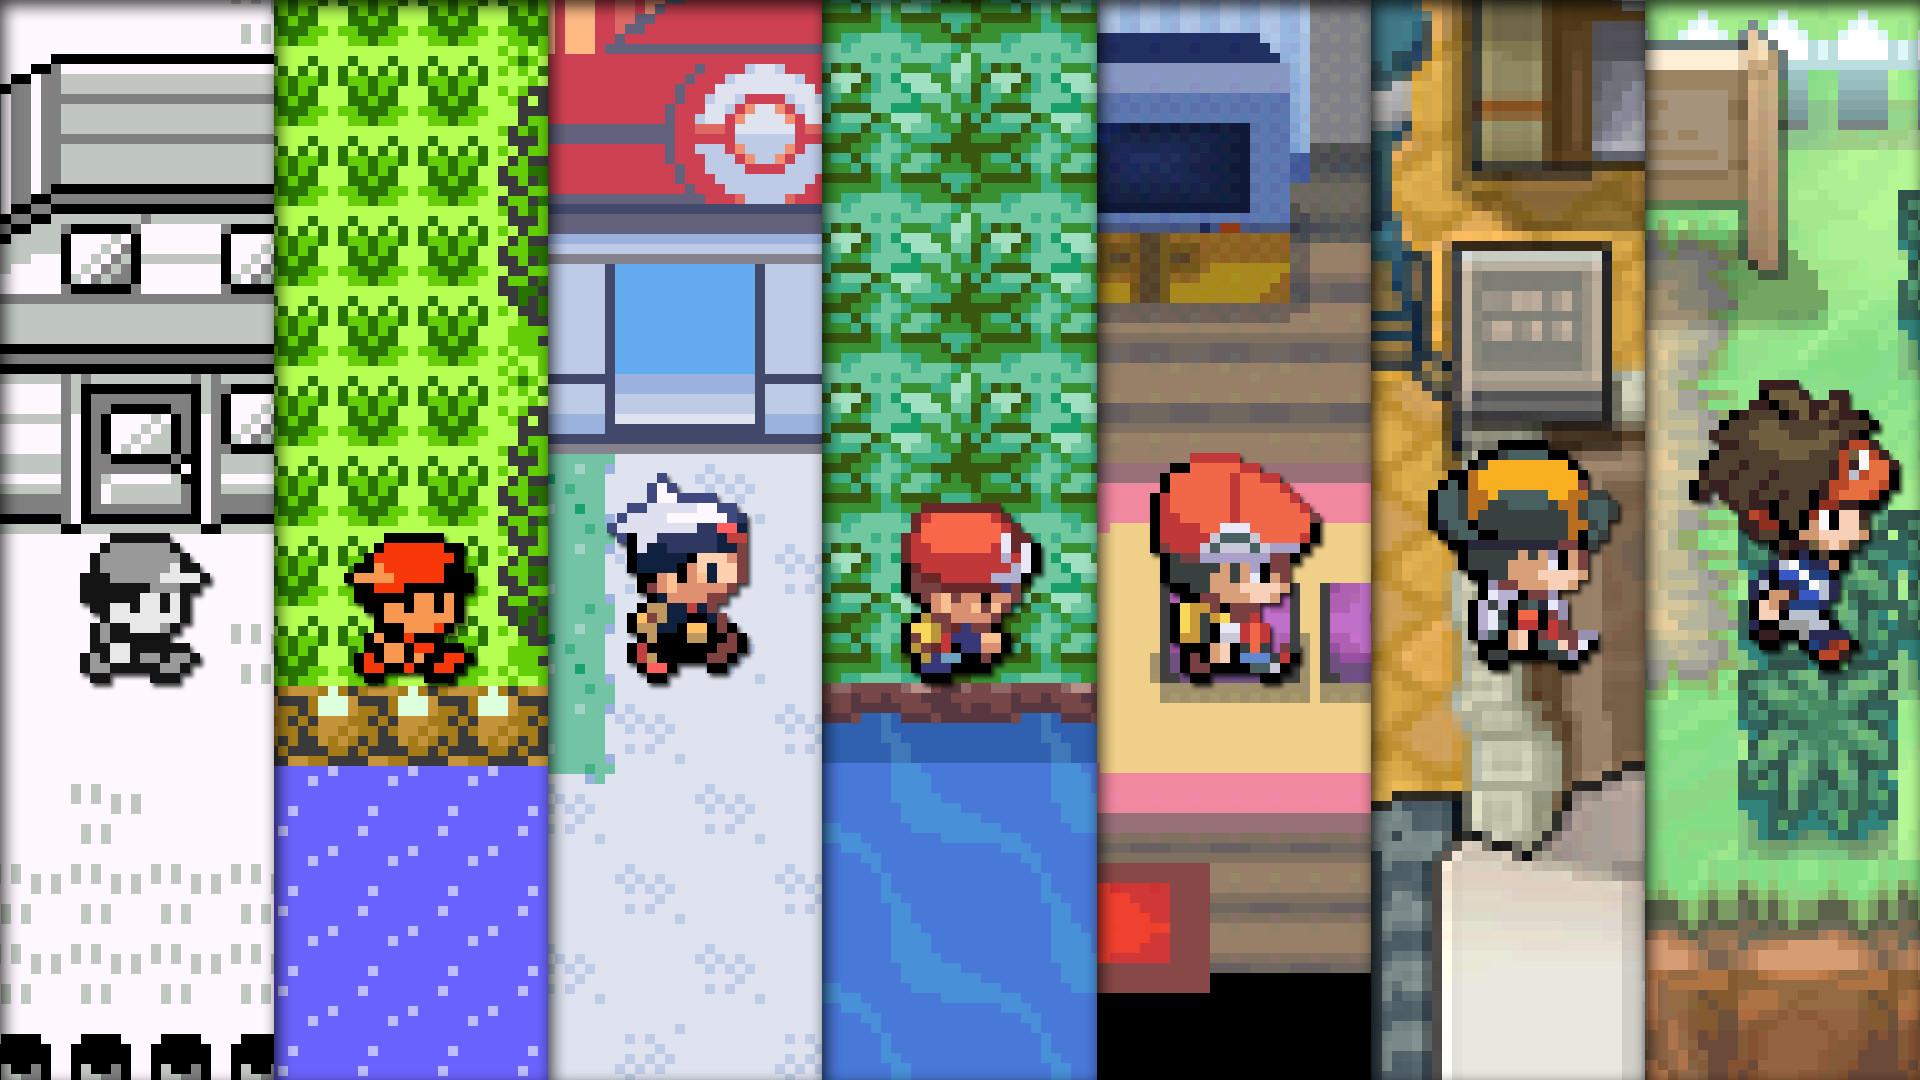 Evolution of Pokemon by jaime07 Evolution of Pokemon by jaime07